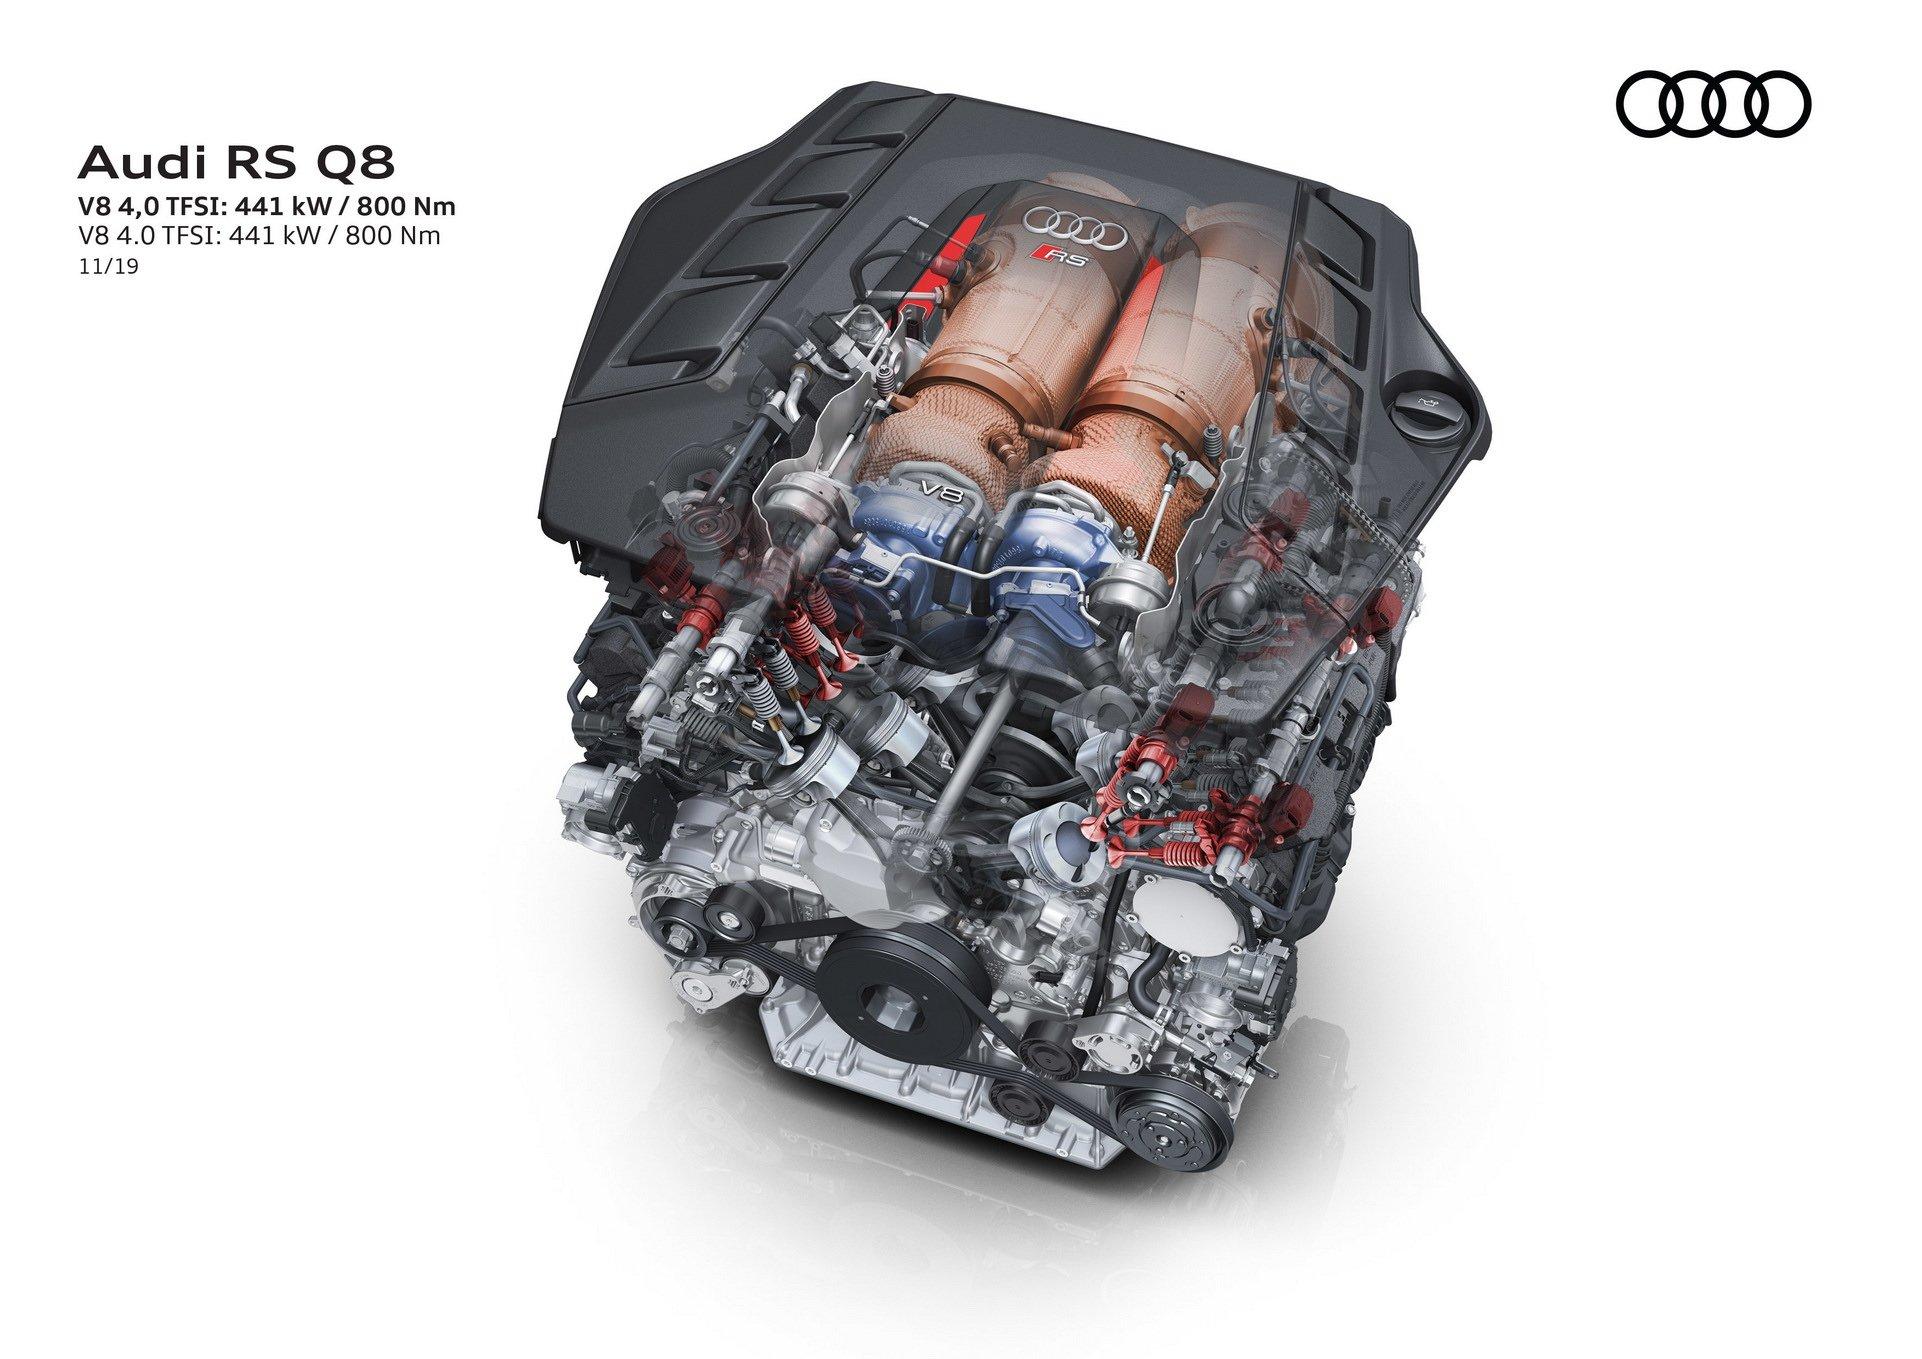 Audi-RS-Q8-77